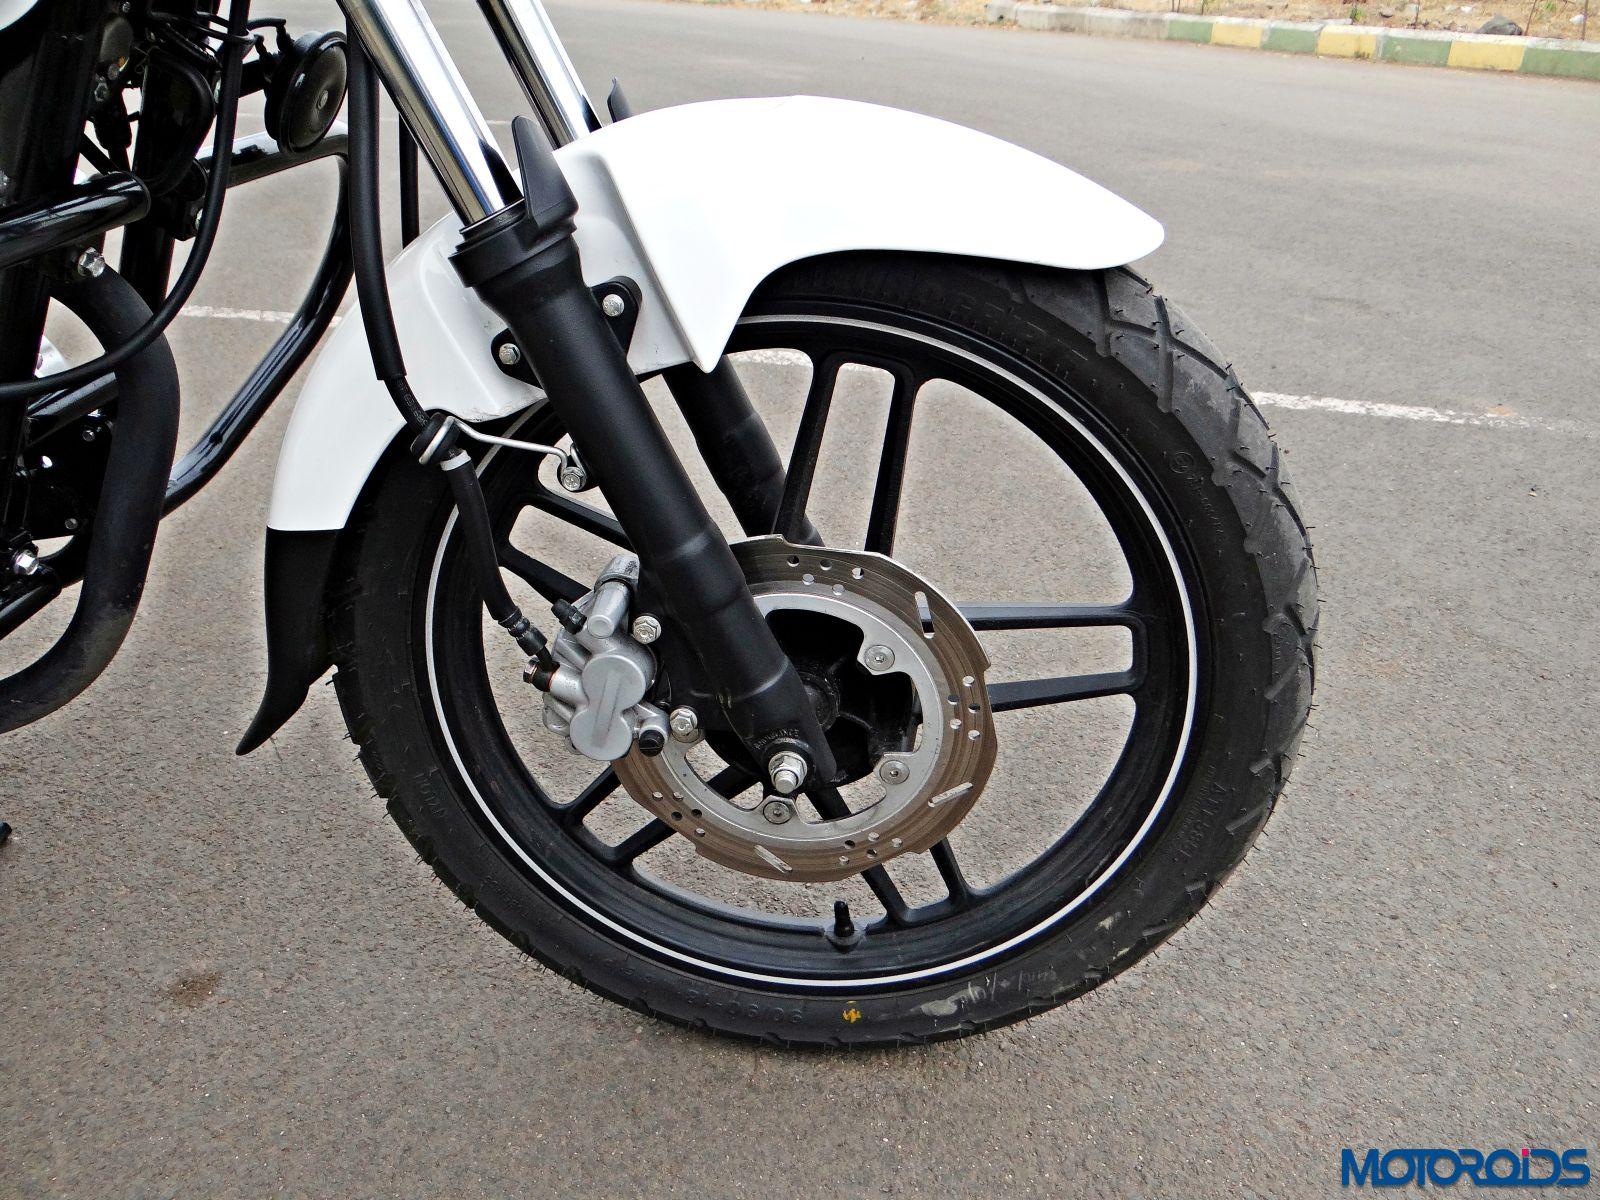 Bajaj V15 - Review - Details - Front Wheel - Suspension - Brake (1)